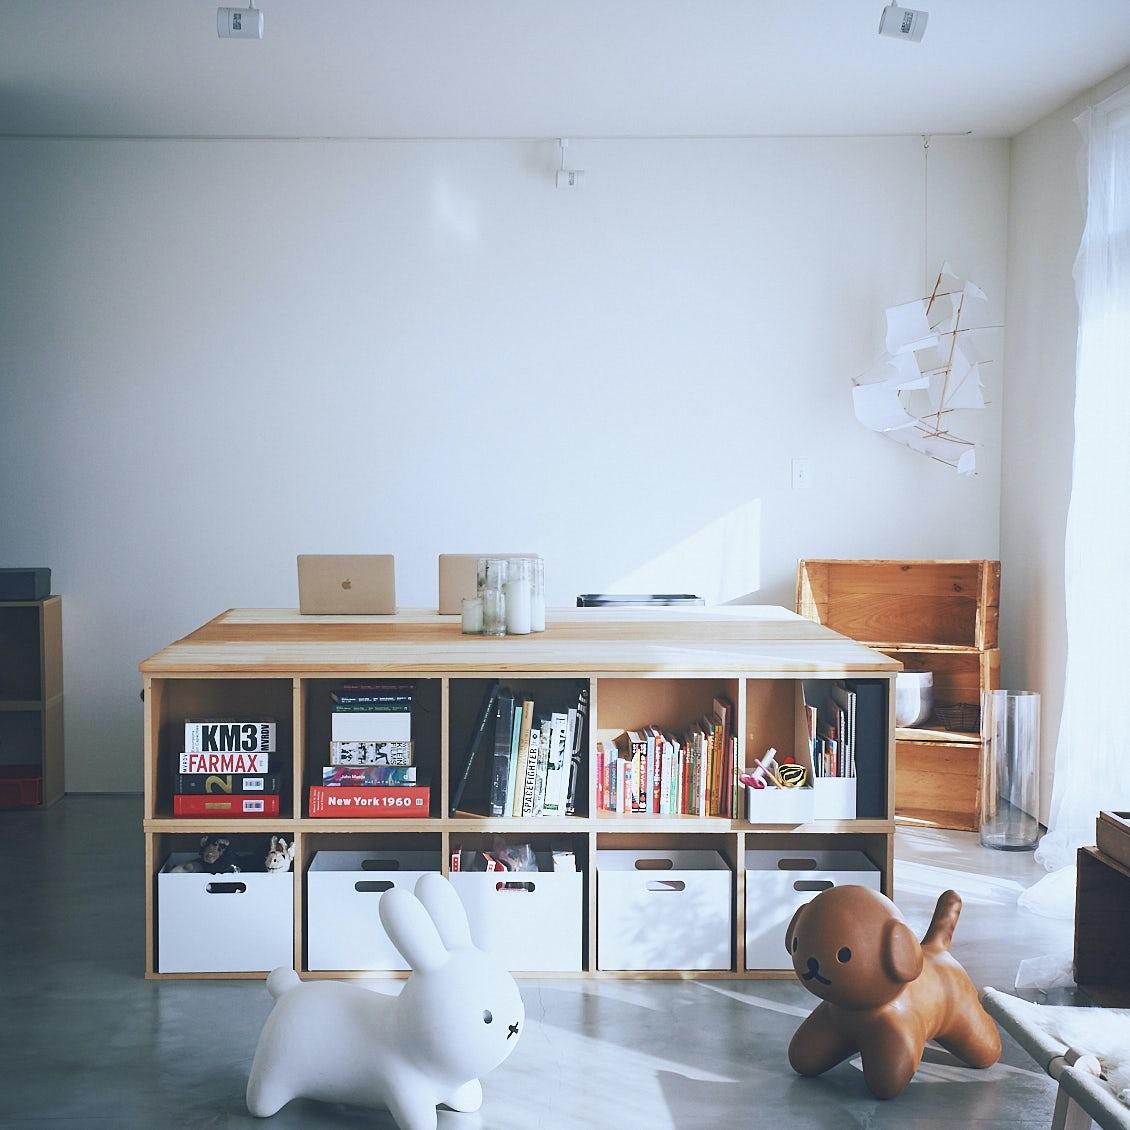 【収納ボックス】どう選んで、どう使う? 収納ボックス選びのコツと使い方アイデアを聞きました